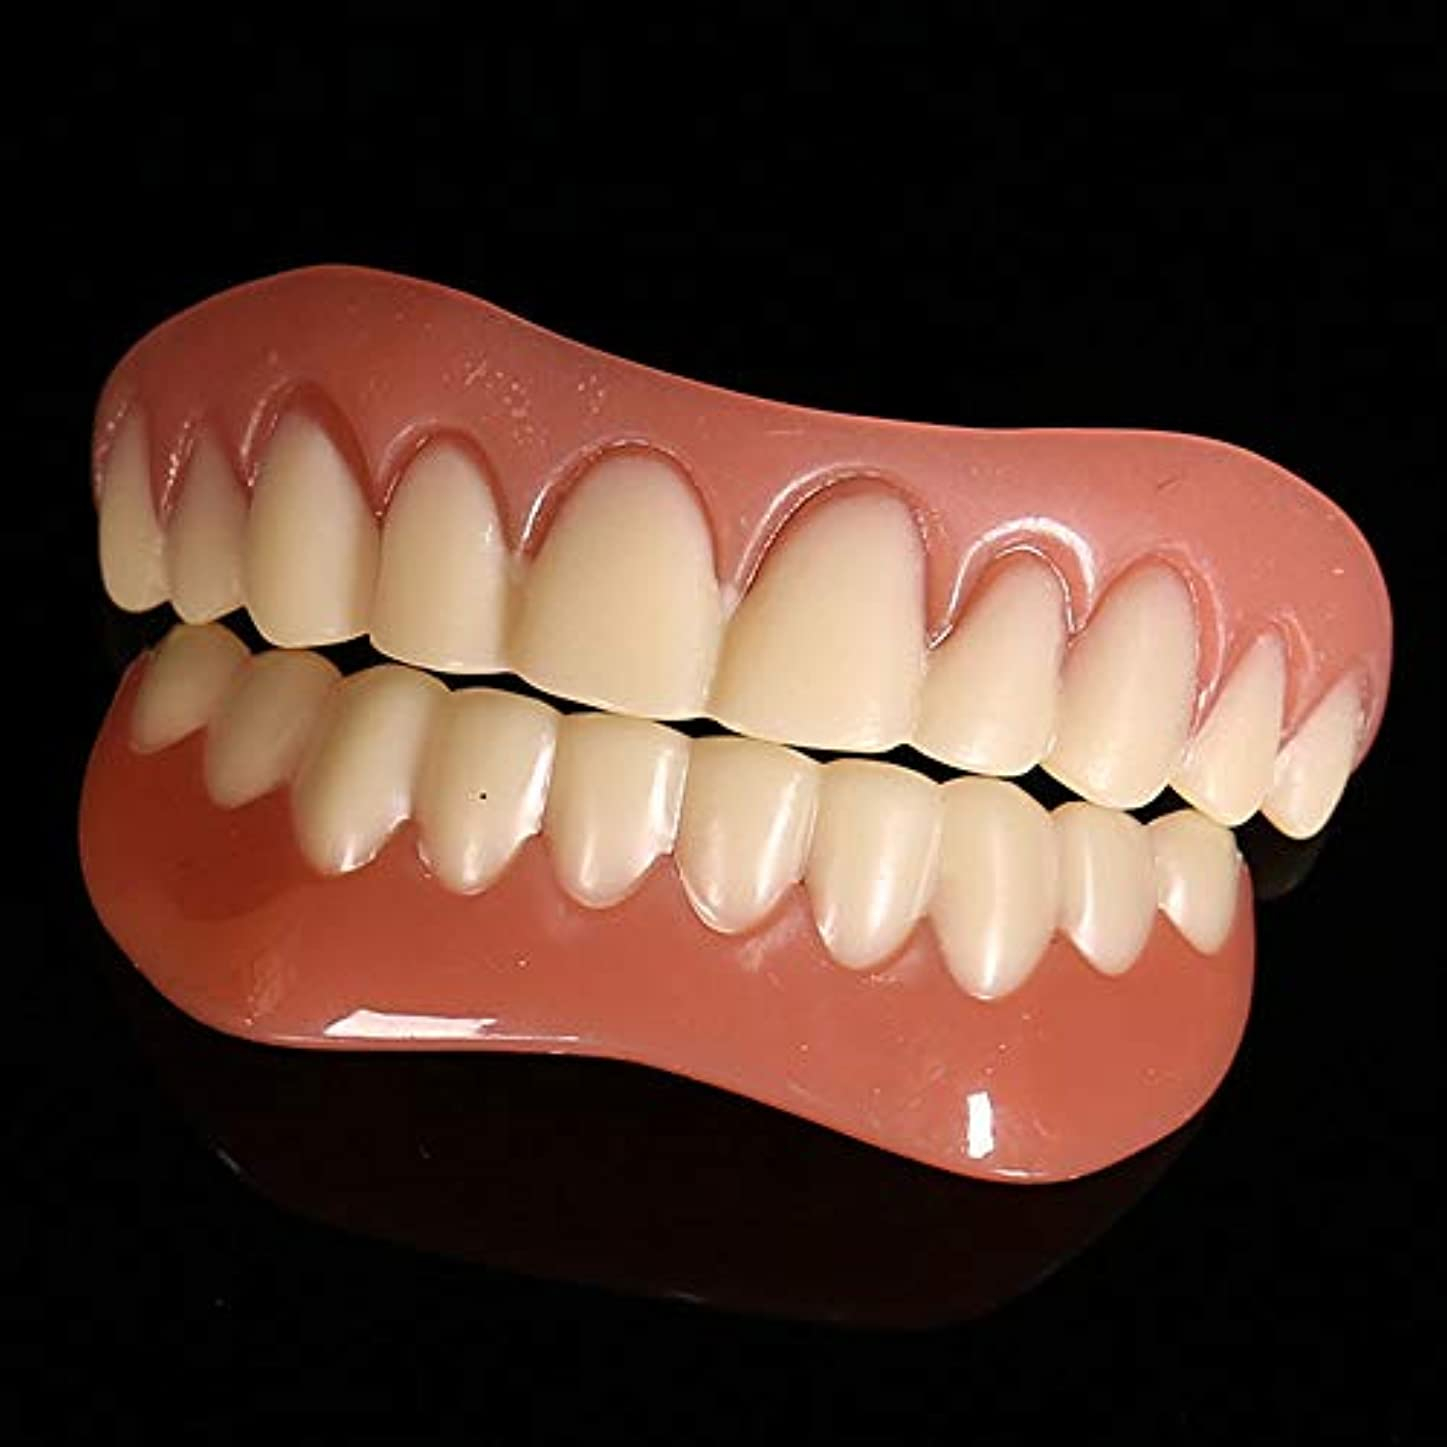 偽物山積みのファンタジー義歯シミュレーション入れ歯の6セットは、シリコーン現実的なホワイトニング中括弧を使用してサイクルを洗浄することができます